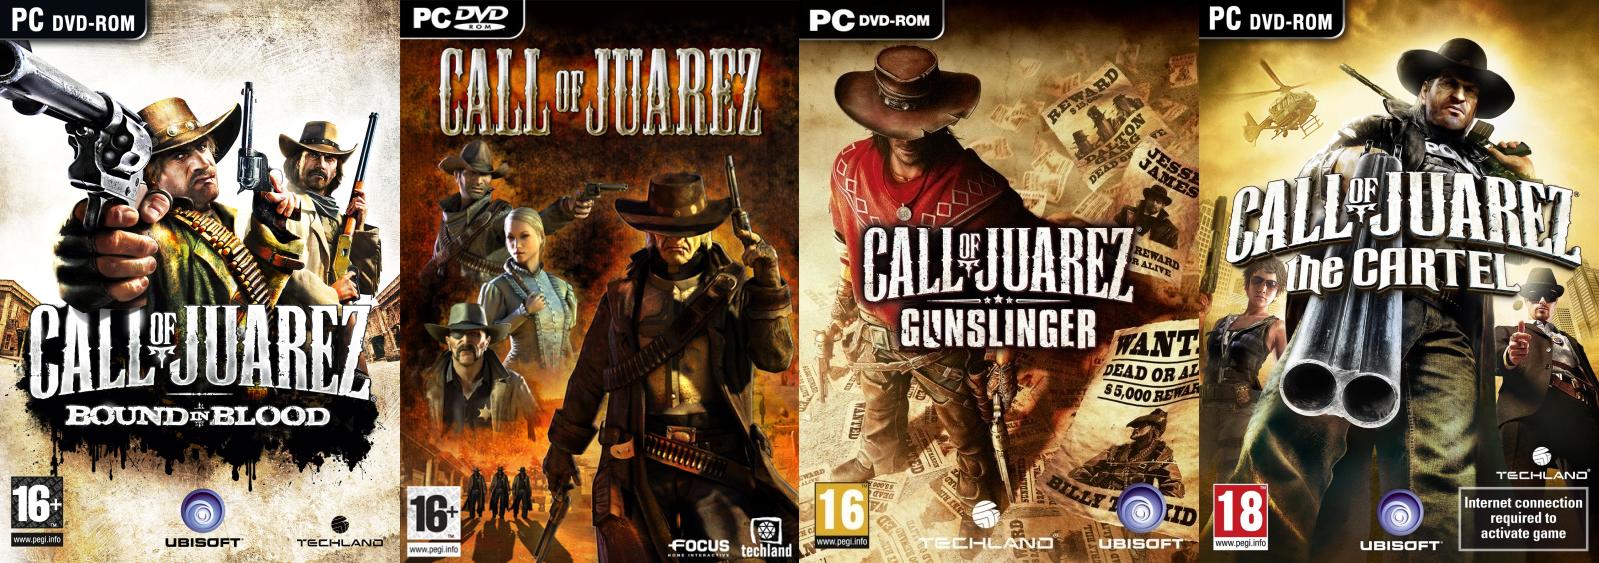 Об игре: История Call of Juarez: Картель начинается с взрыва.